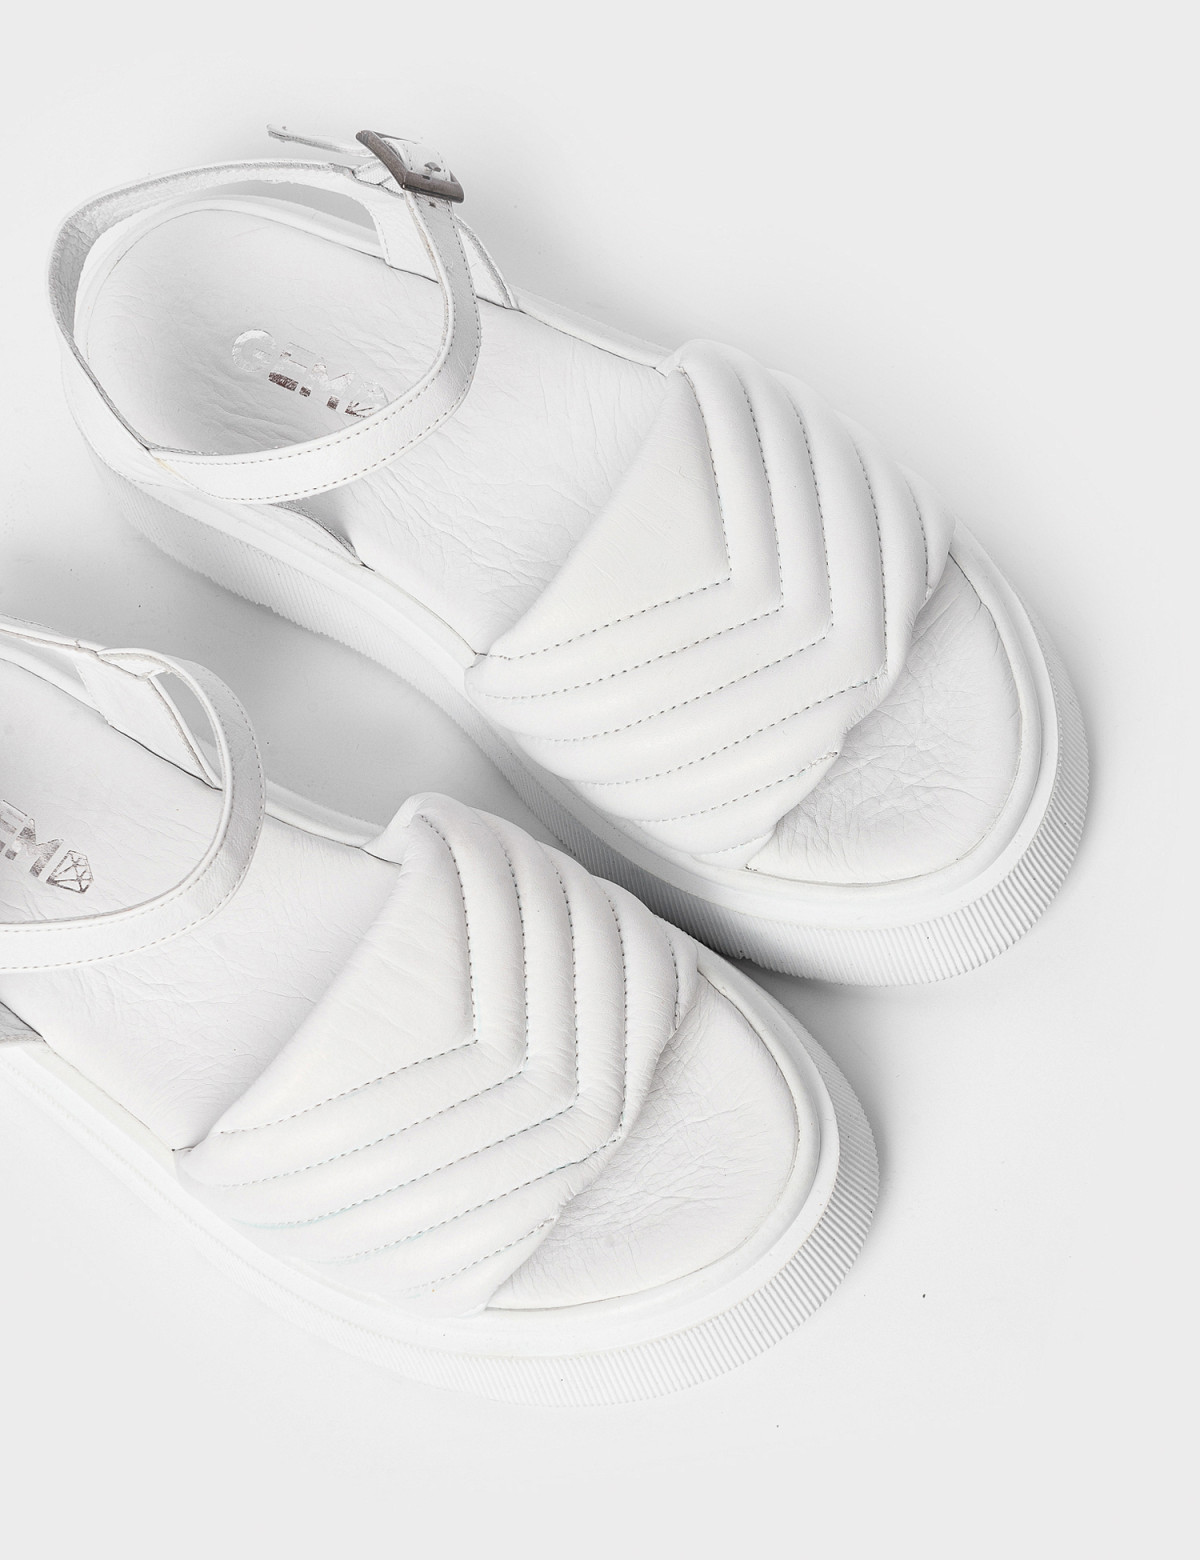 Сандалі білі. Натуральна шкіра3